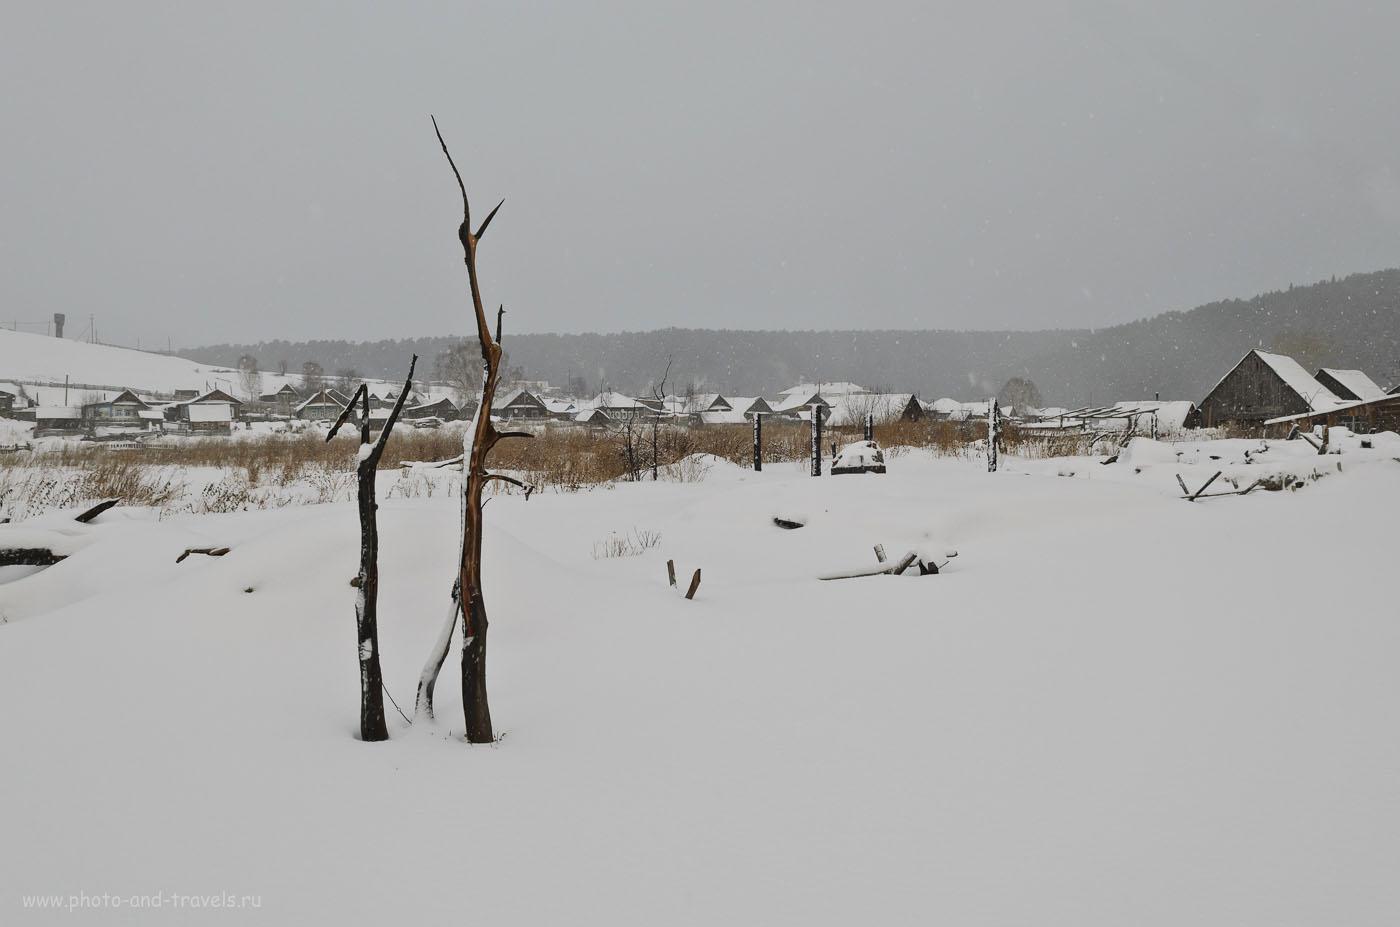 Фото 9. До обработки – всё серое. Почему при неправильной настройке экспозиции при съемке зимой фотки получаются темными. 1/125, 8.0, 160, 17. Камера Nikon D5100 с объективом Nikon 17-55/2.8.